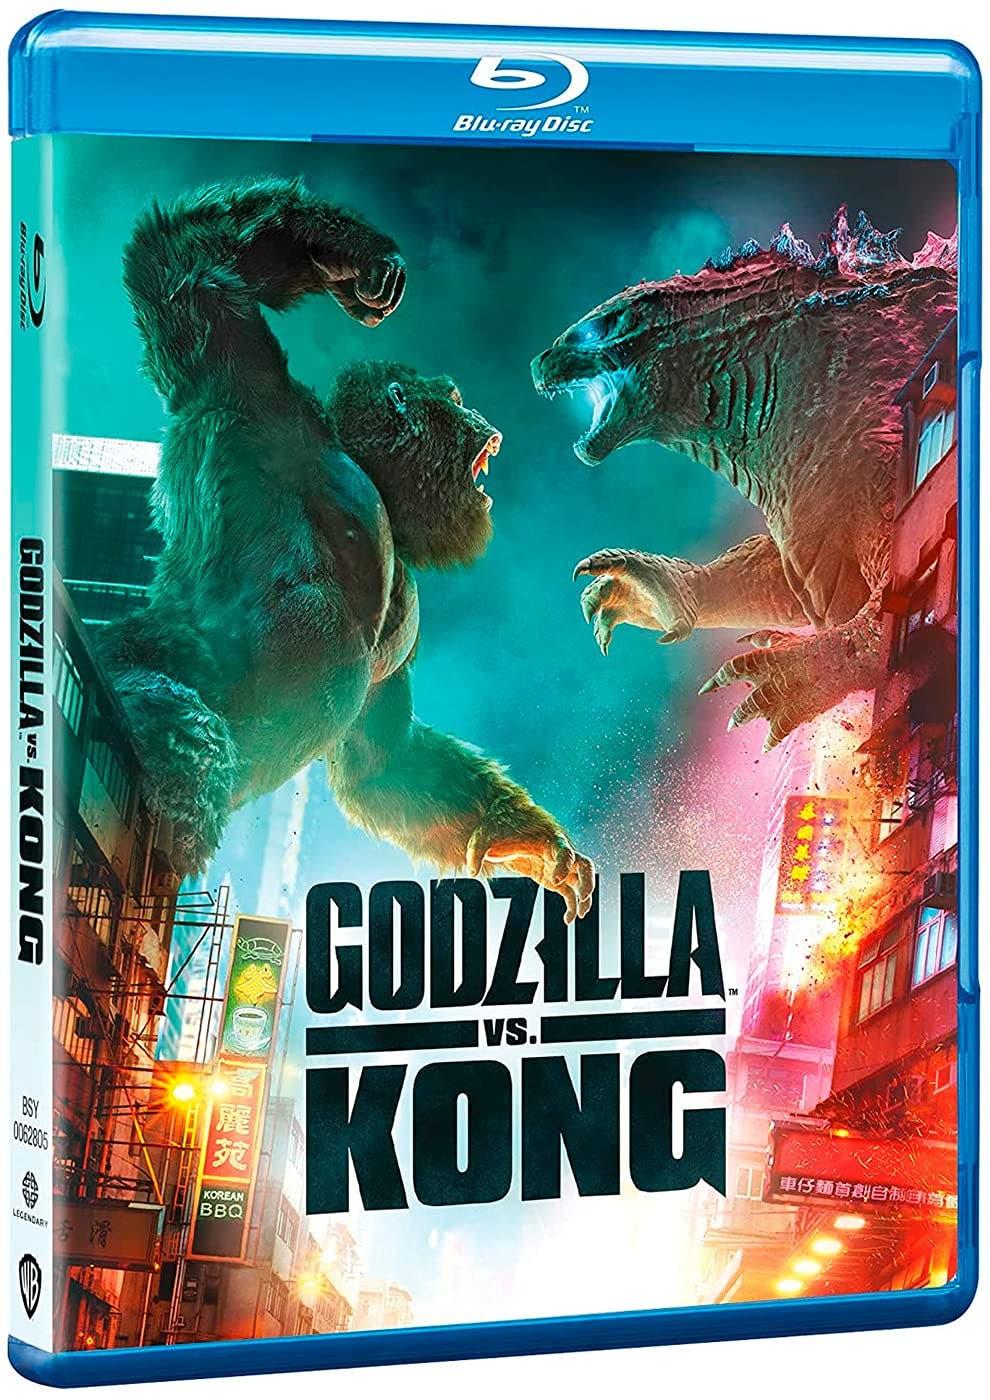 Godzilla vs Kong: Análisis del Blu-Ray Steelbook 4K Ultra HD